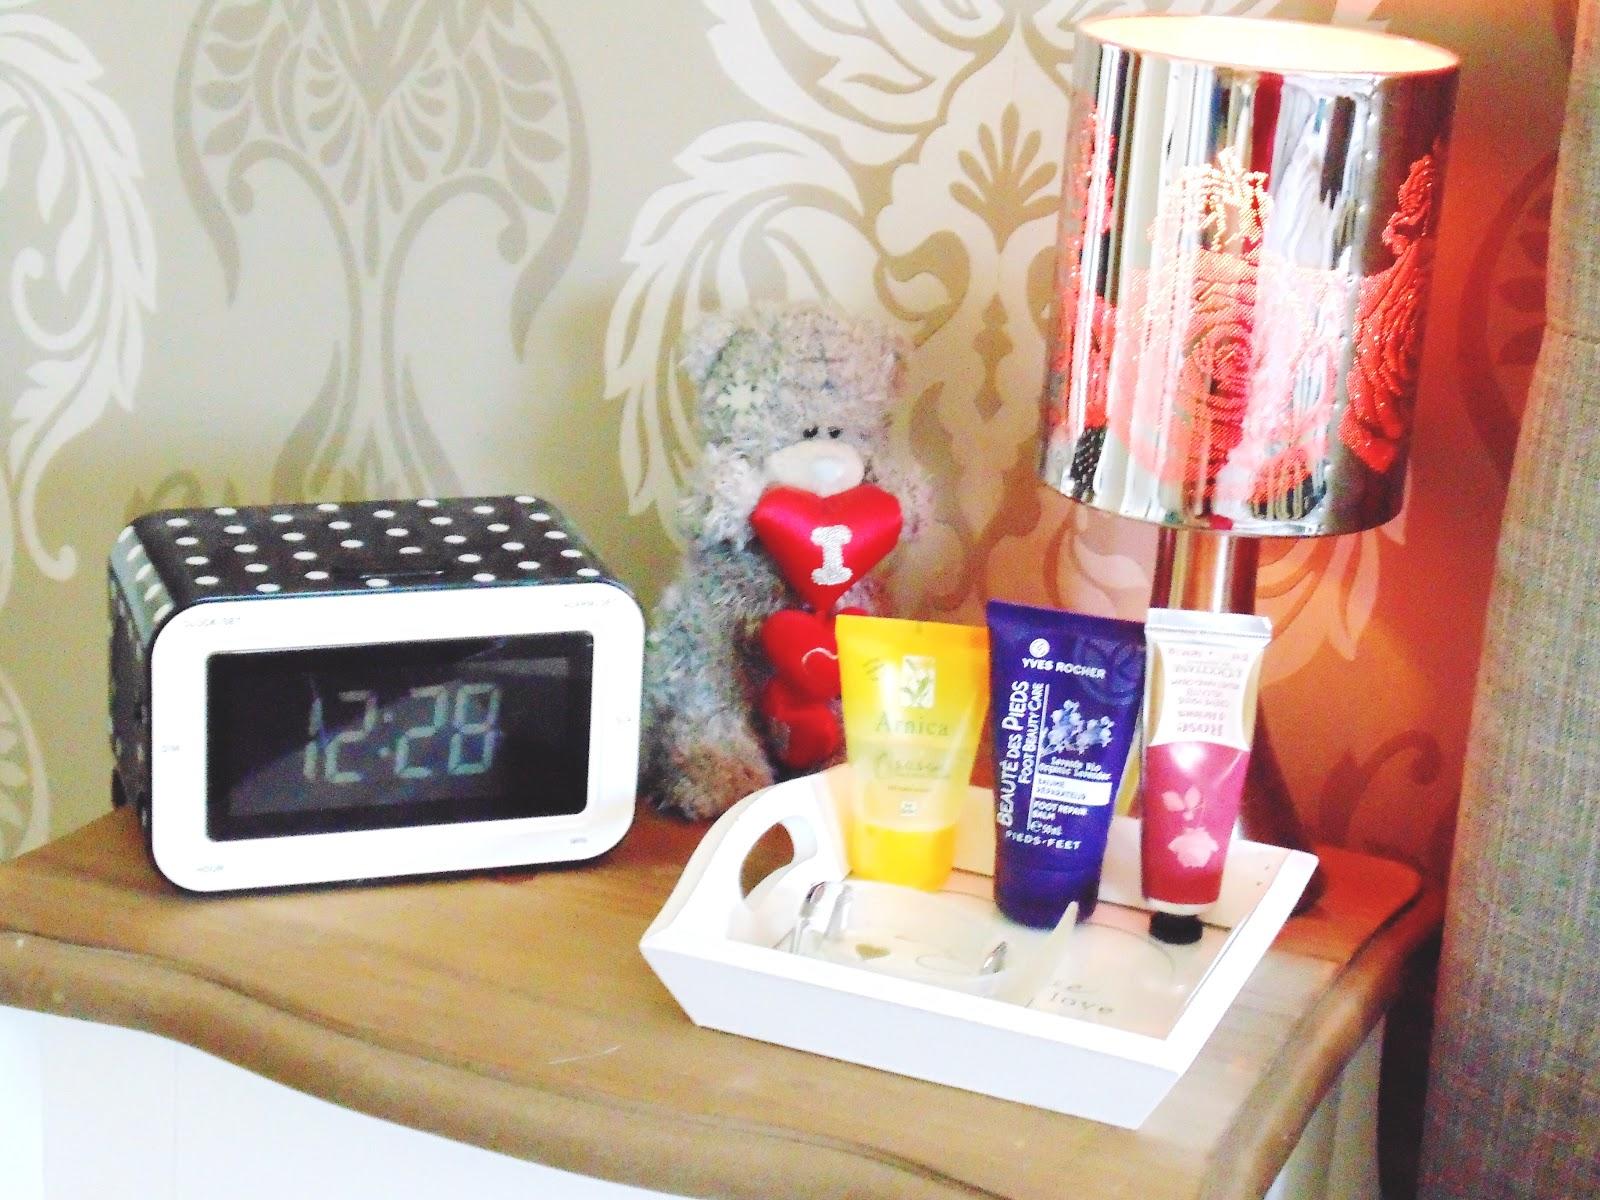 Creëer jou eigen hotelkamer + 10 tips voor je kamer koel te houden ...